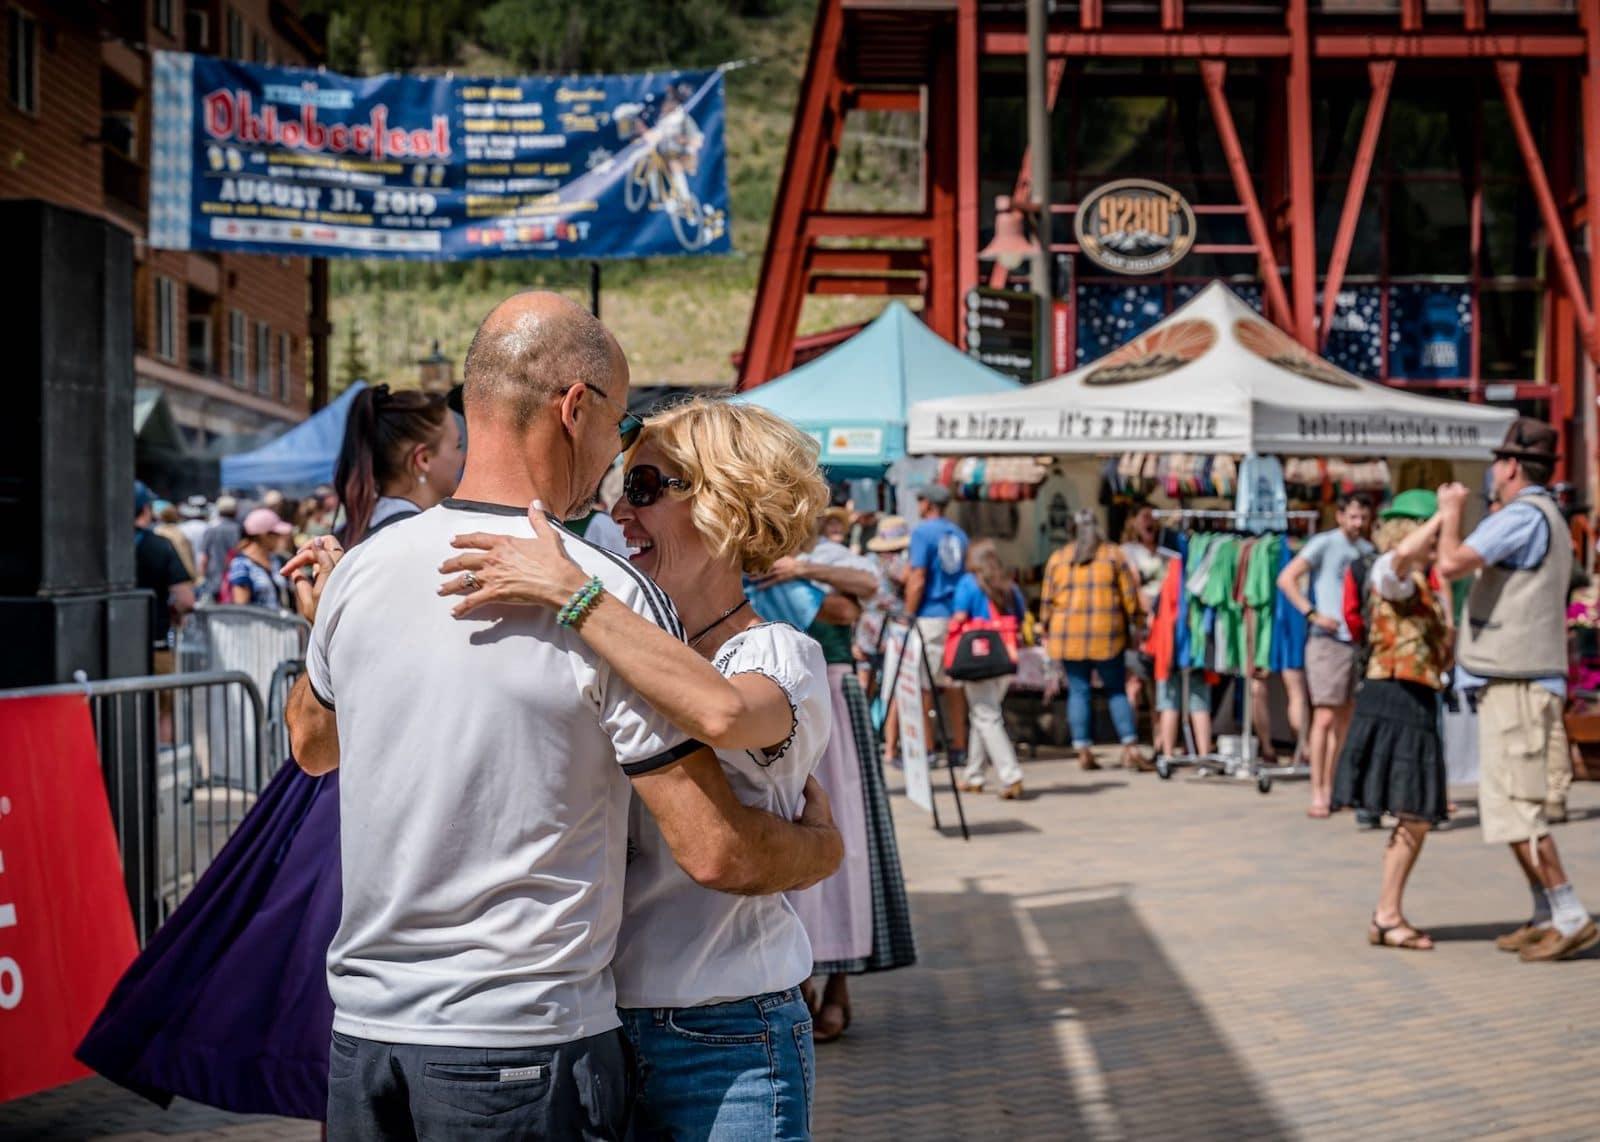 Gambar pasangan menari di Oktoberfest di Keystone, Colorado